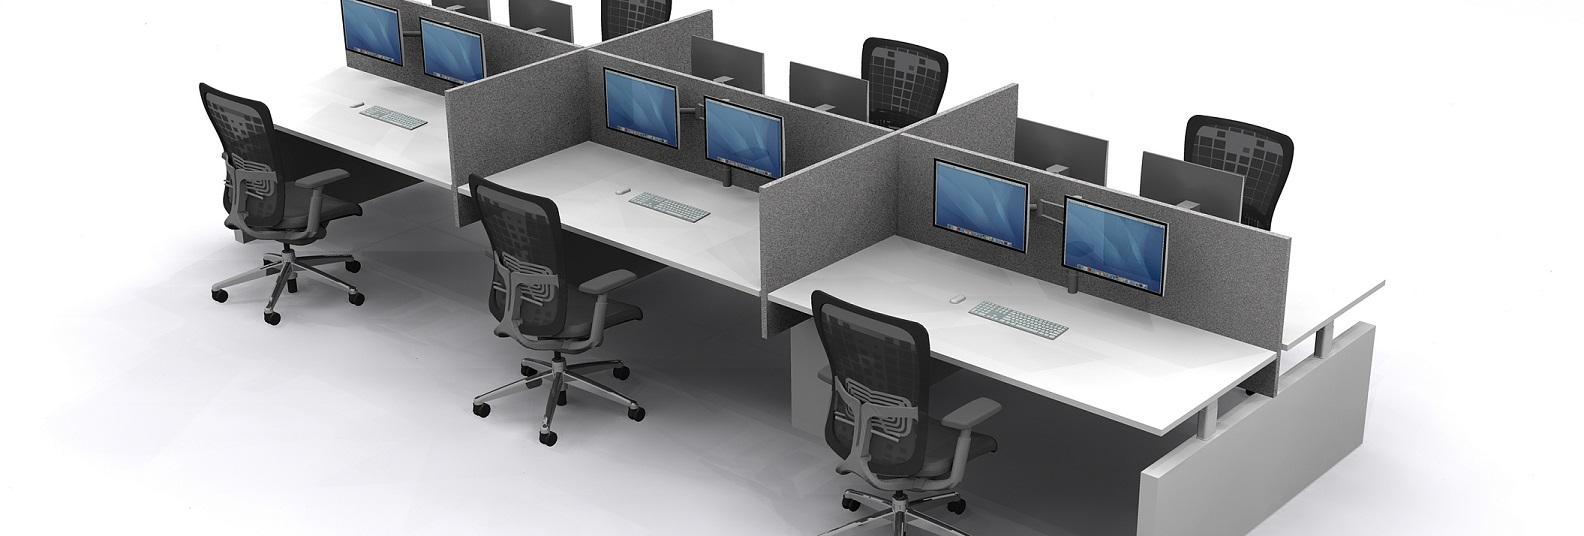 Drentea Presto W Duo bench rendering.jpg